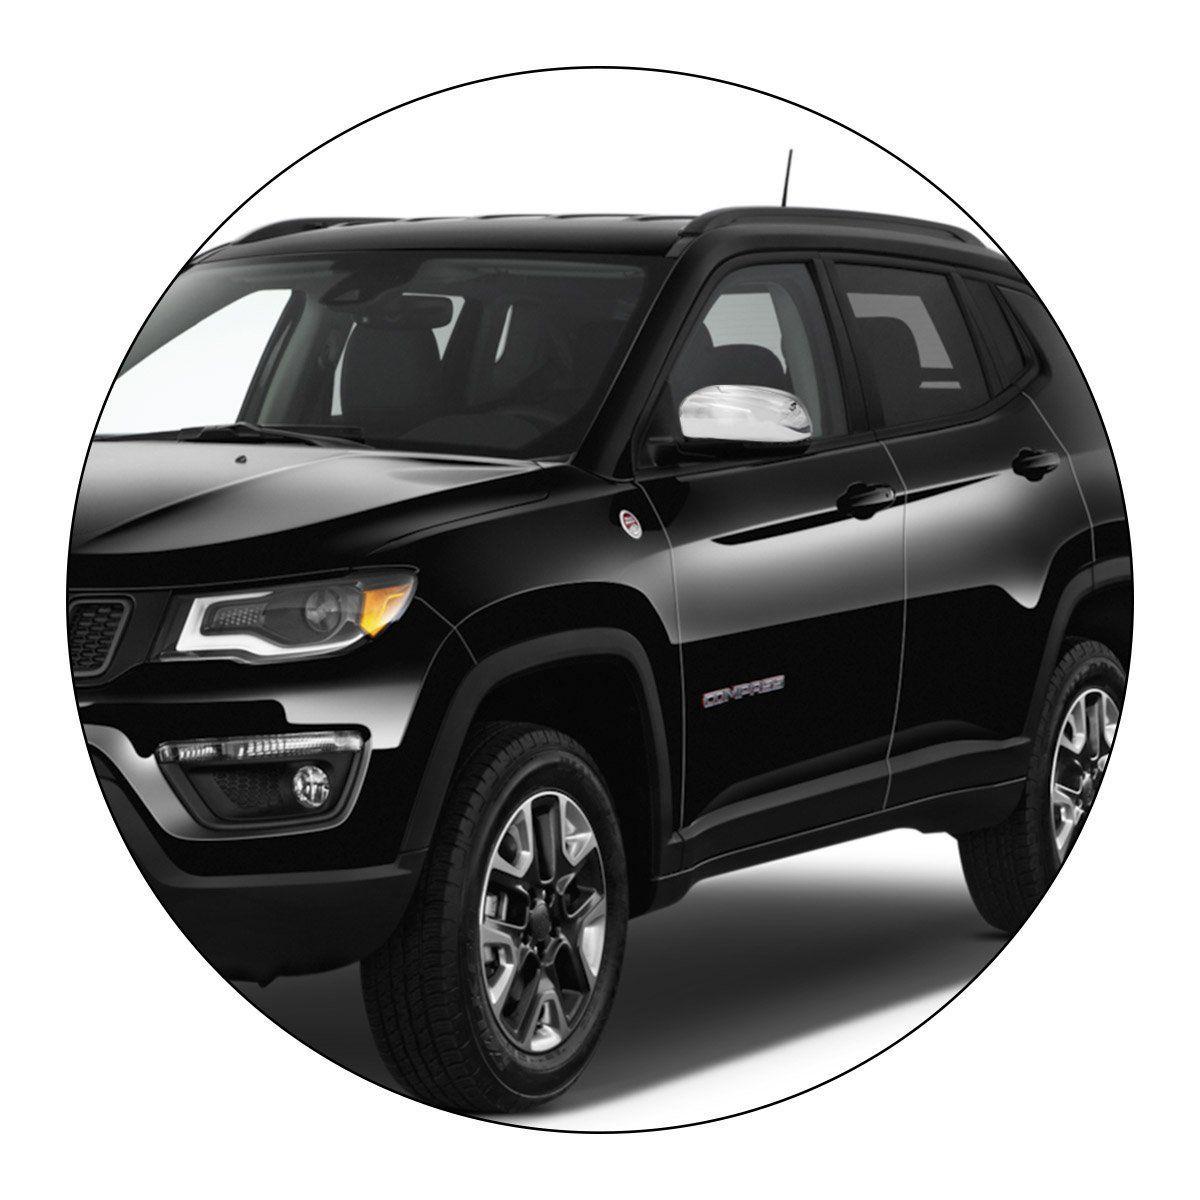 Aplique Retrovisor Jeep Compass Fiat Toro 2016 a 2019 Cromado Lado Esquerdo